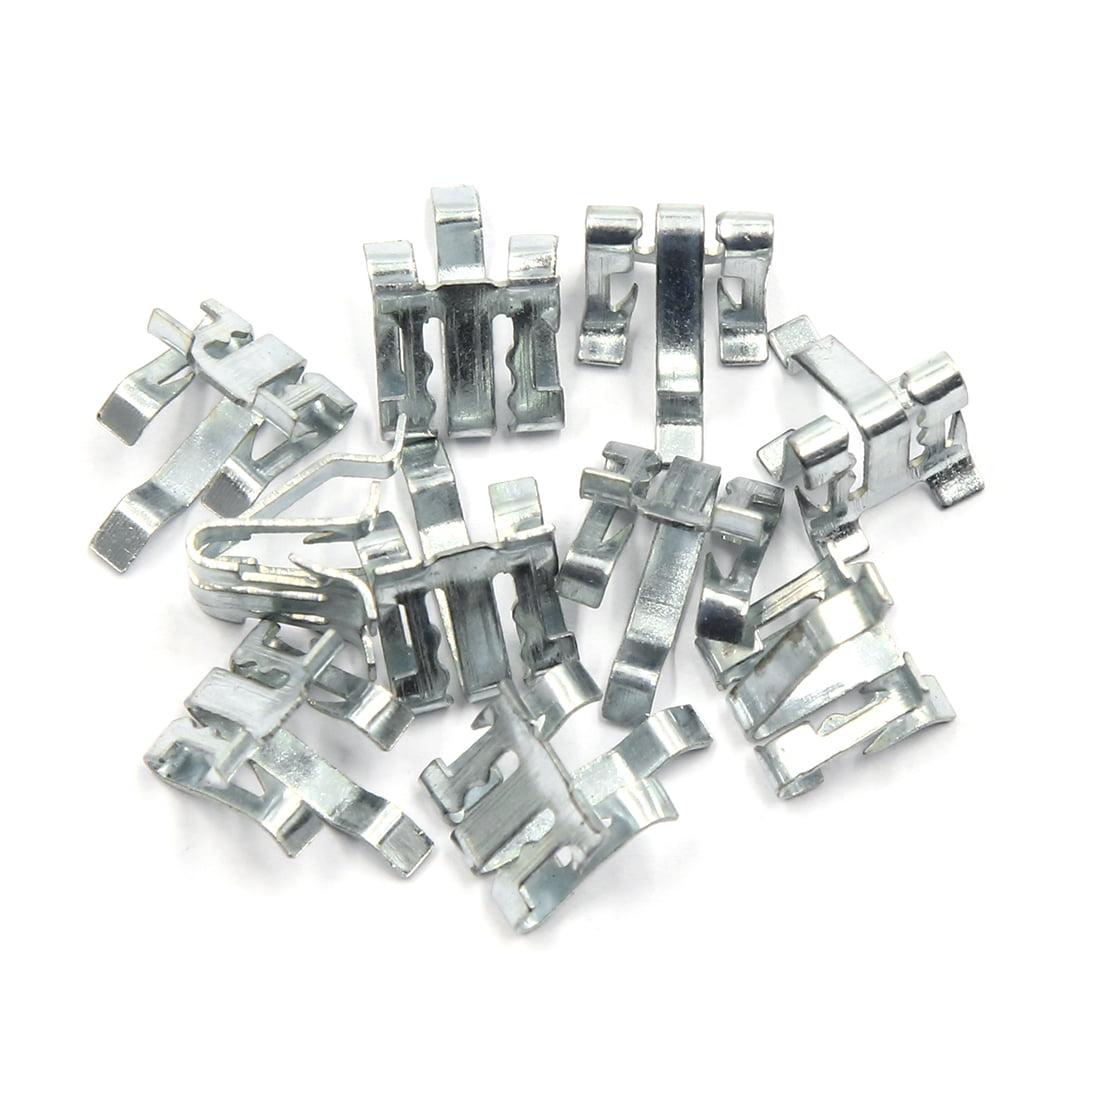 Car Dashboard Retainer Instrument Panel Trim Metal Clips 15 x 11mm 10pcs - image 3 de 3